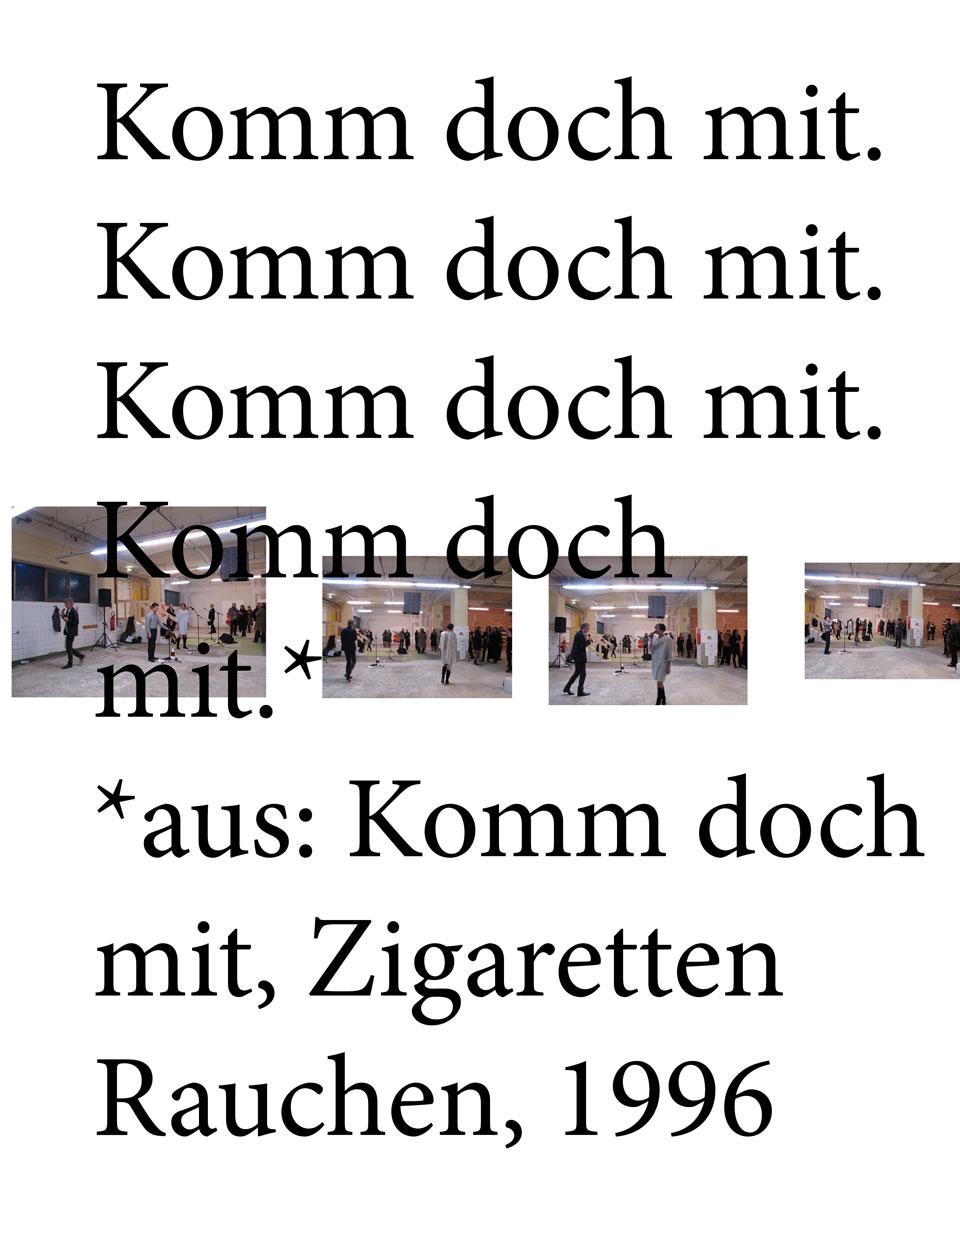 Zigaretten_Rauchen_Komm_doch_mit_03_15_960_8